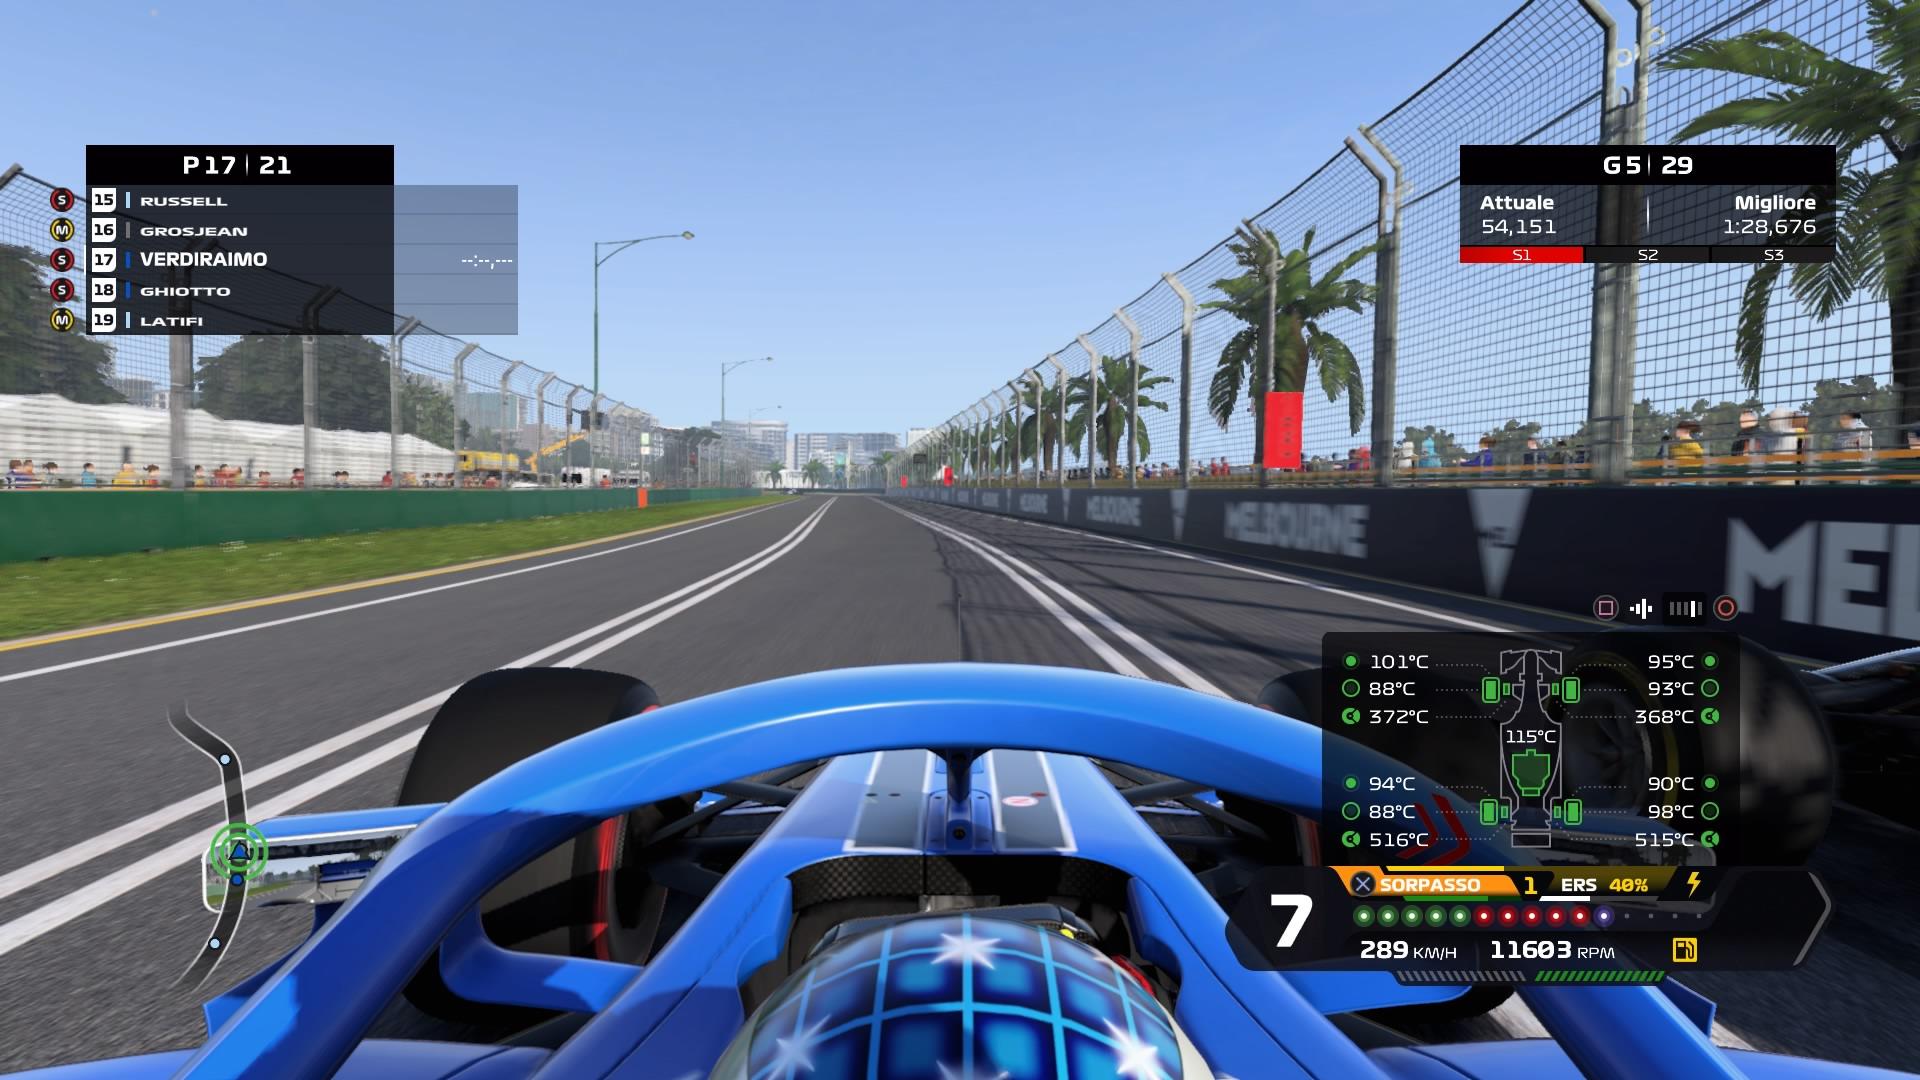 F1 2020 cockpit